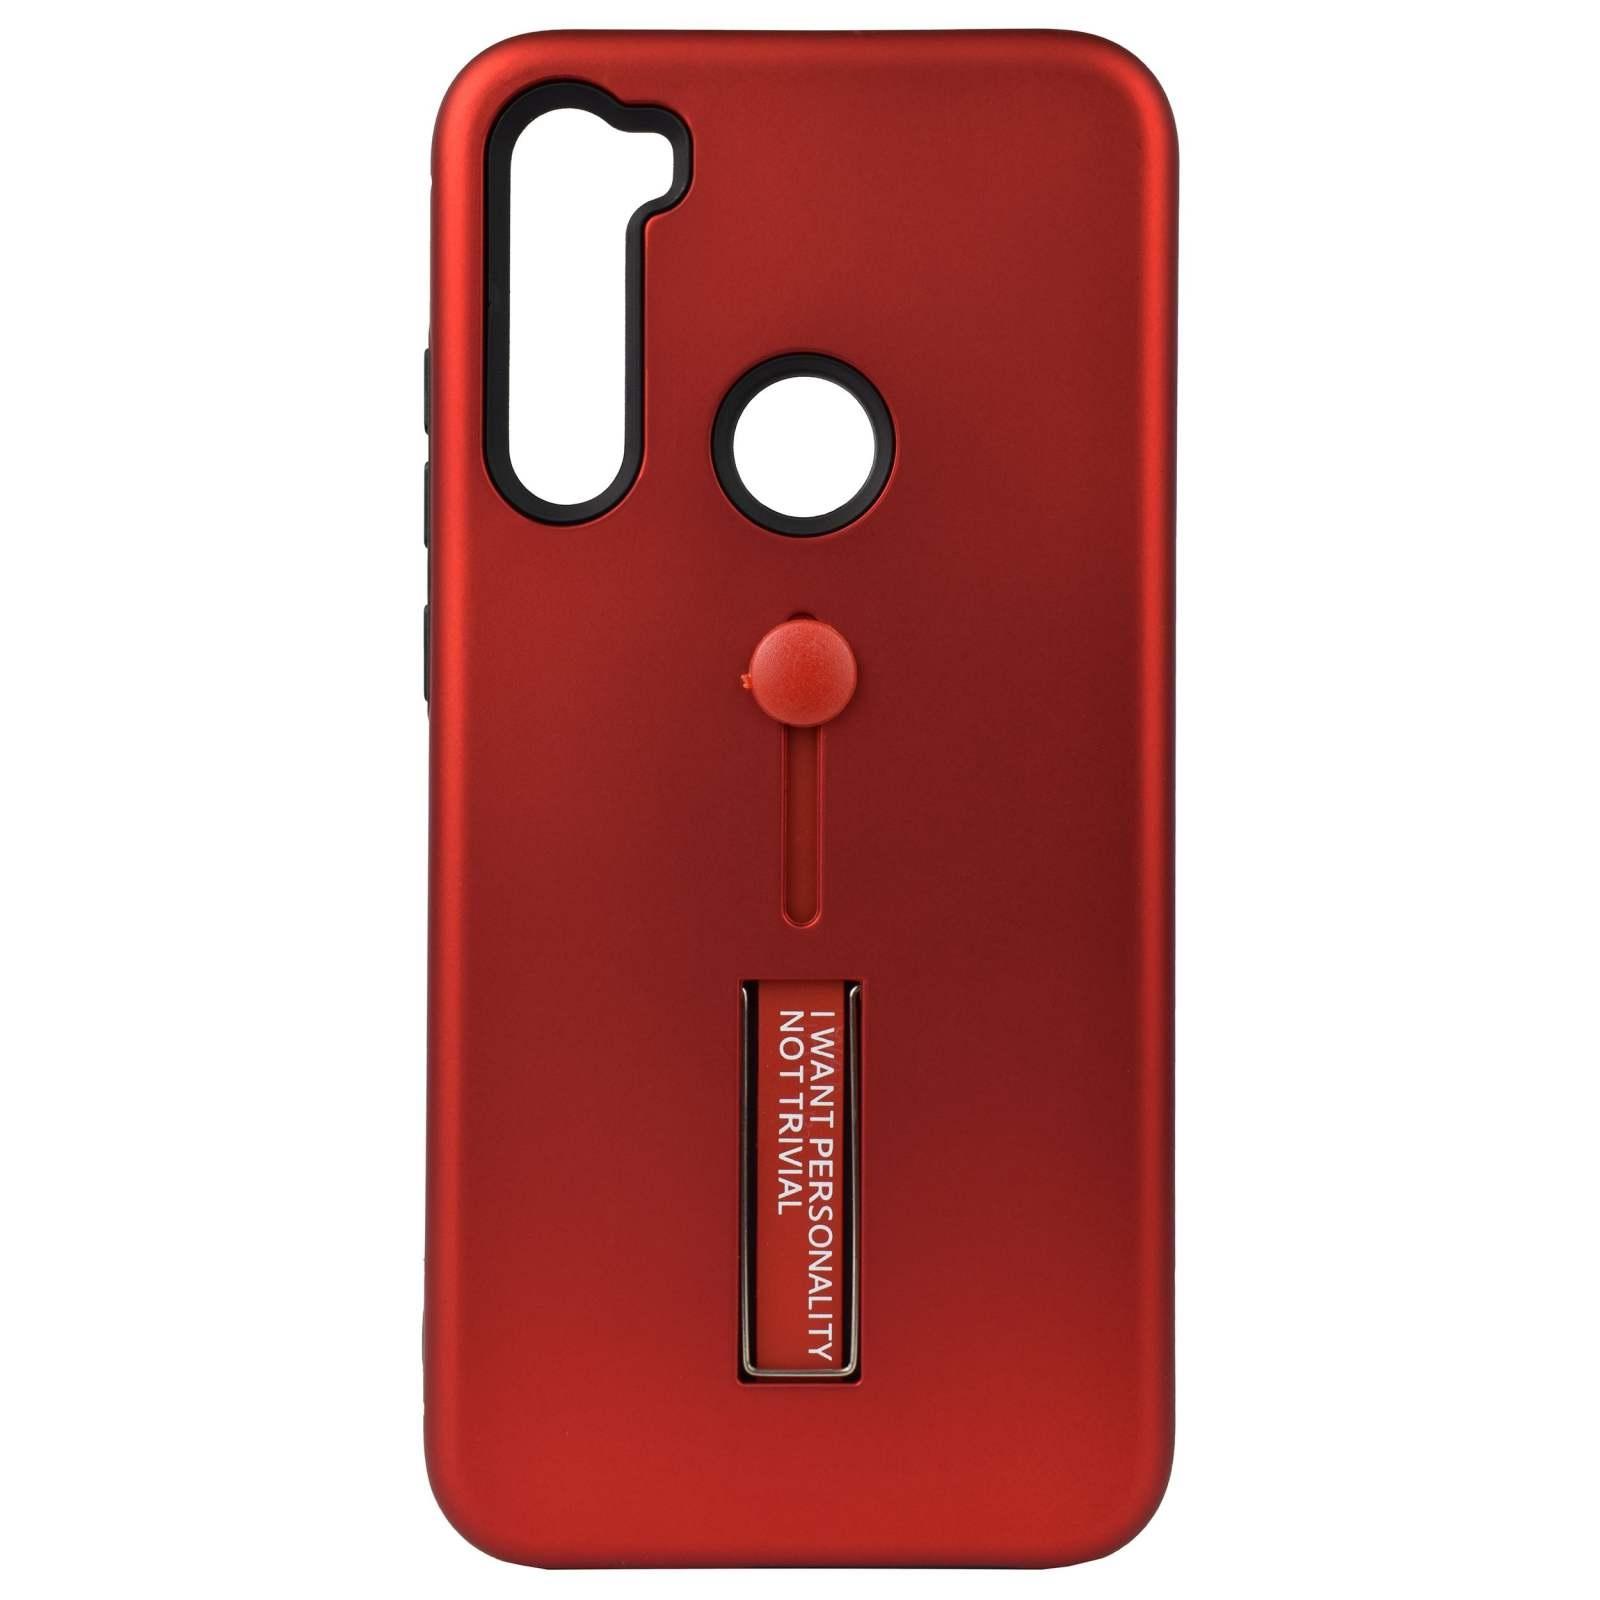 کاور مدل FAS20 مناسب برای گوشی موبایل شیائومی Redmi Note 8T              ( قیمت و خرید)